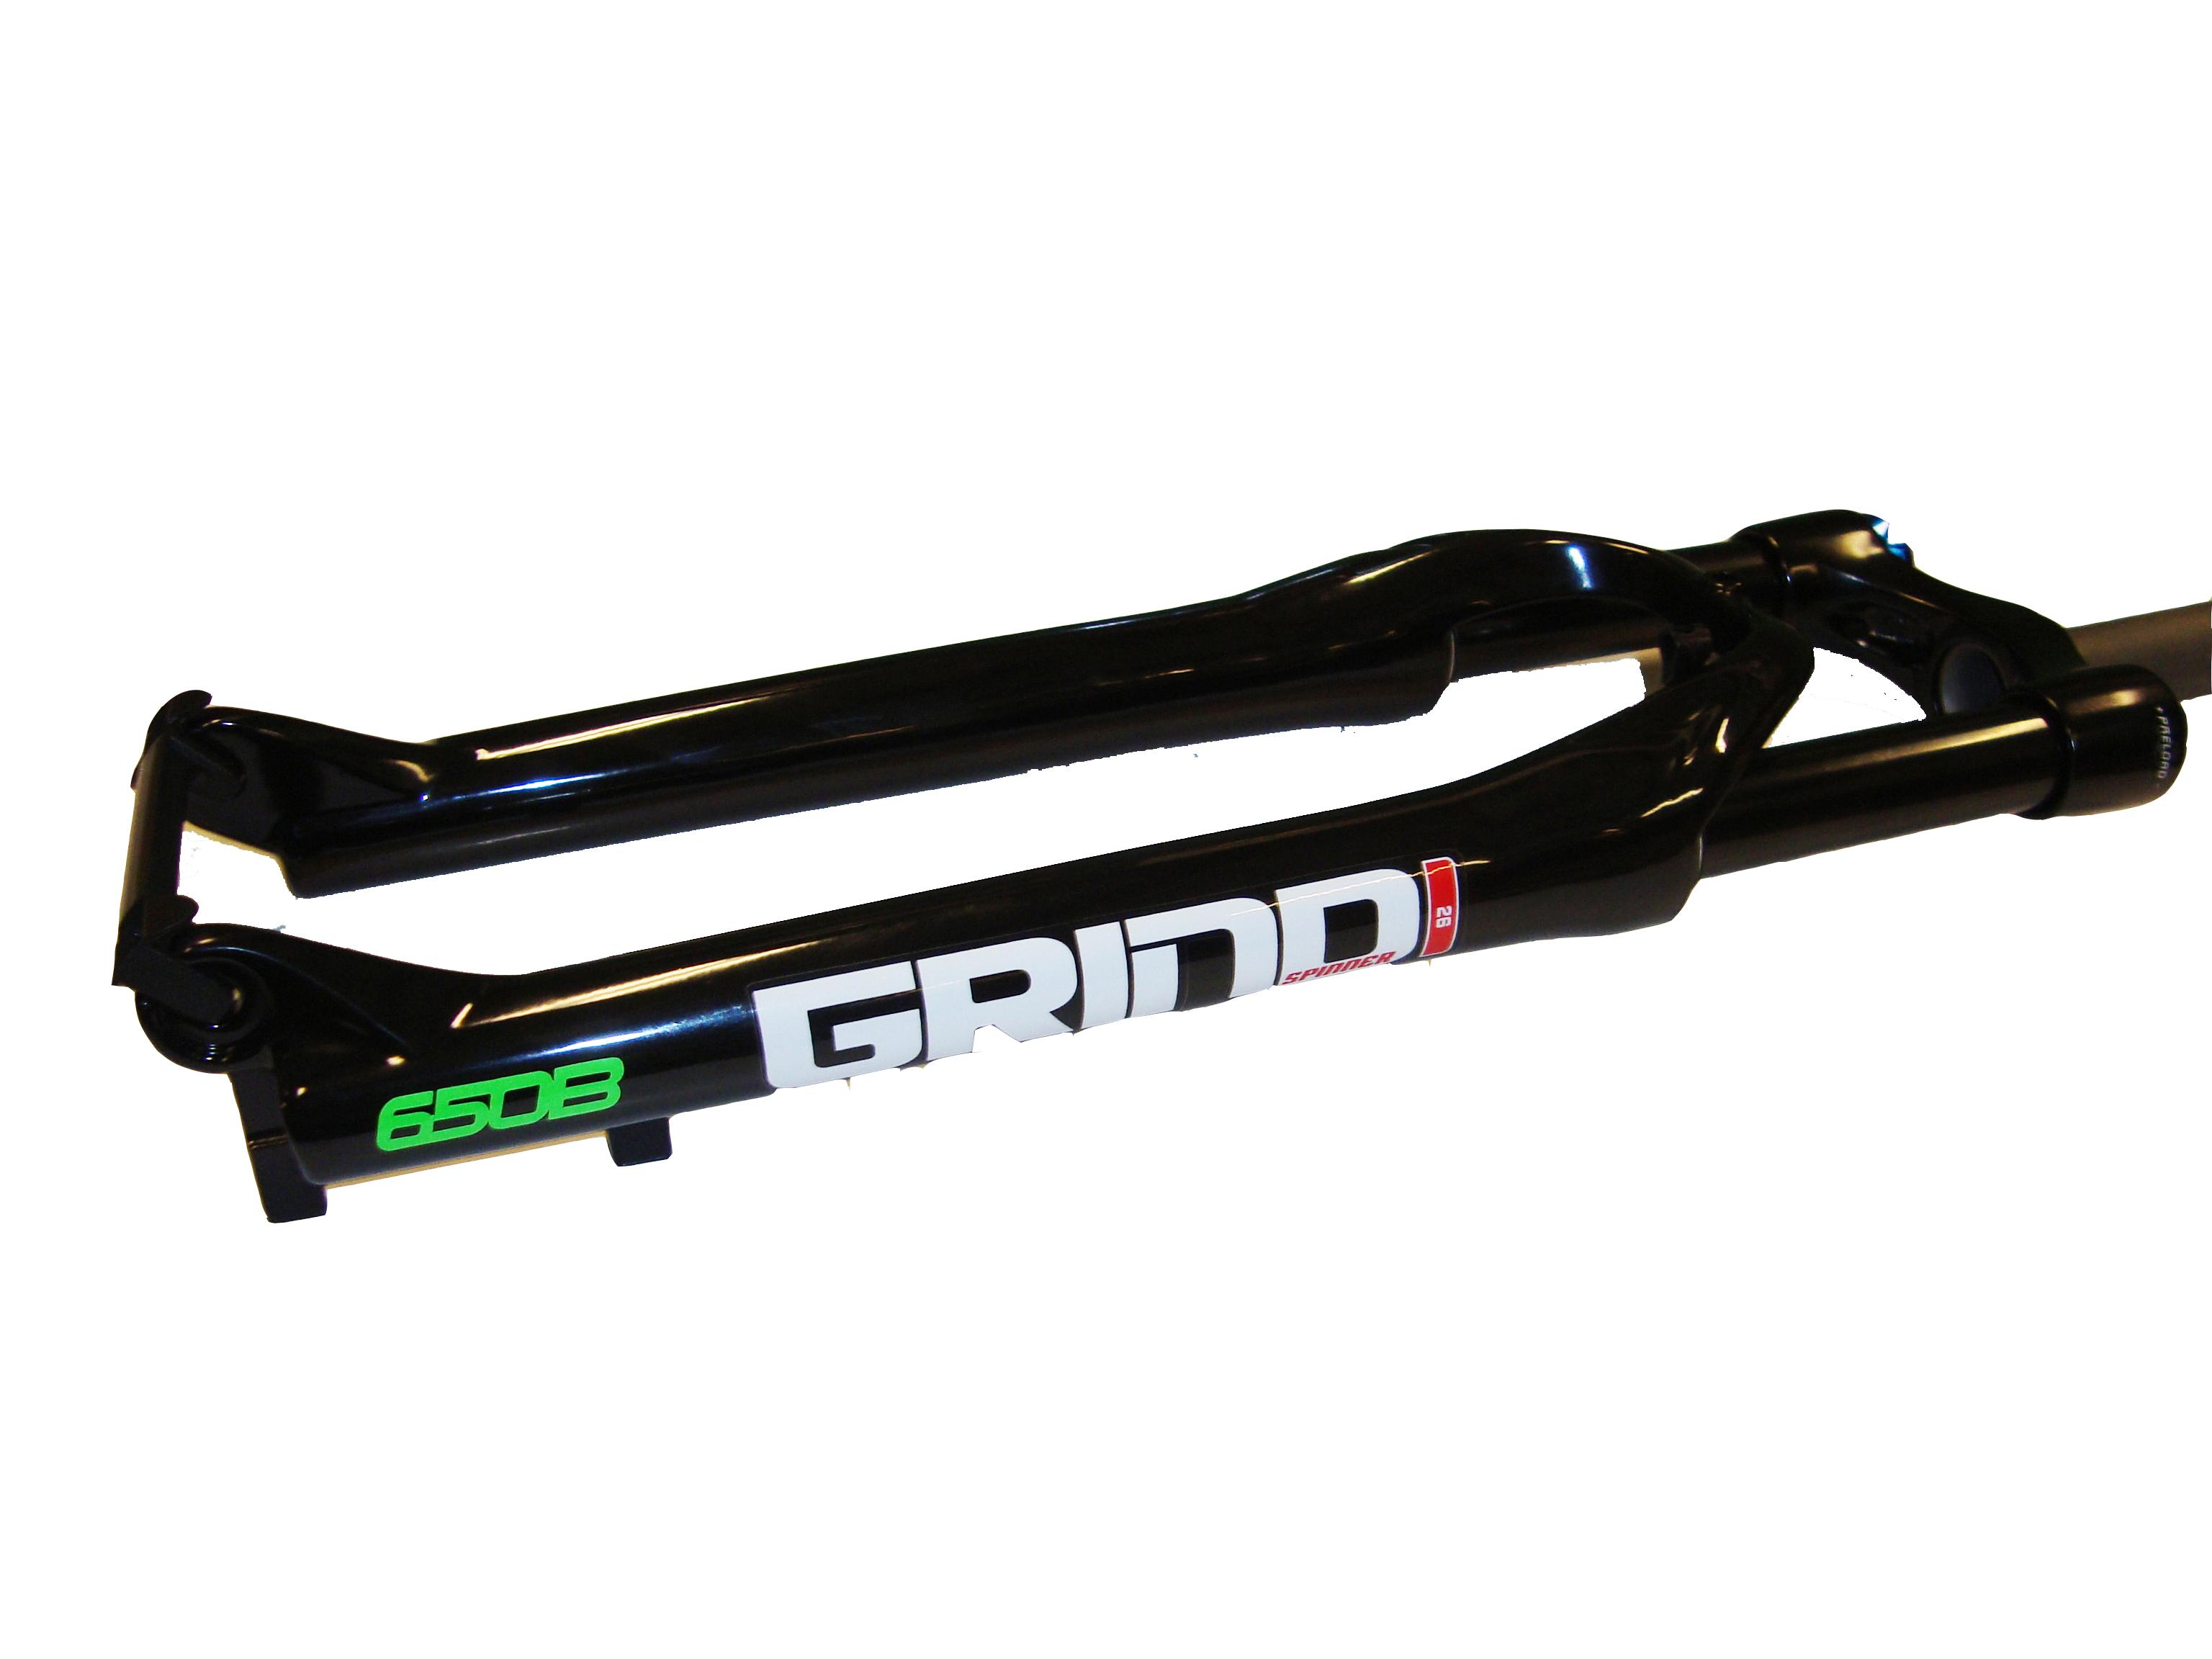 SPINNER 27,5'' odpružená vidlice GRIND, zdvih 100mm, DISC, 1-1/8'', černá